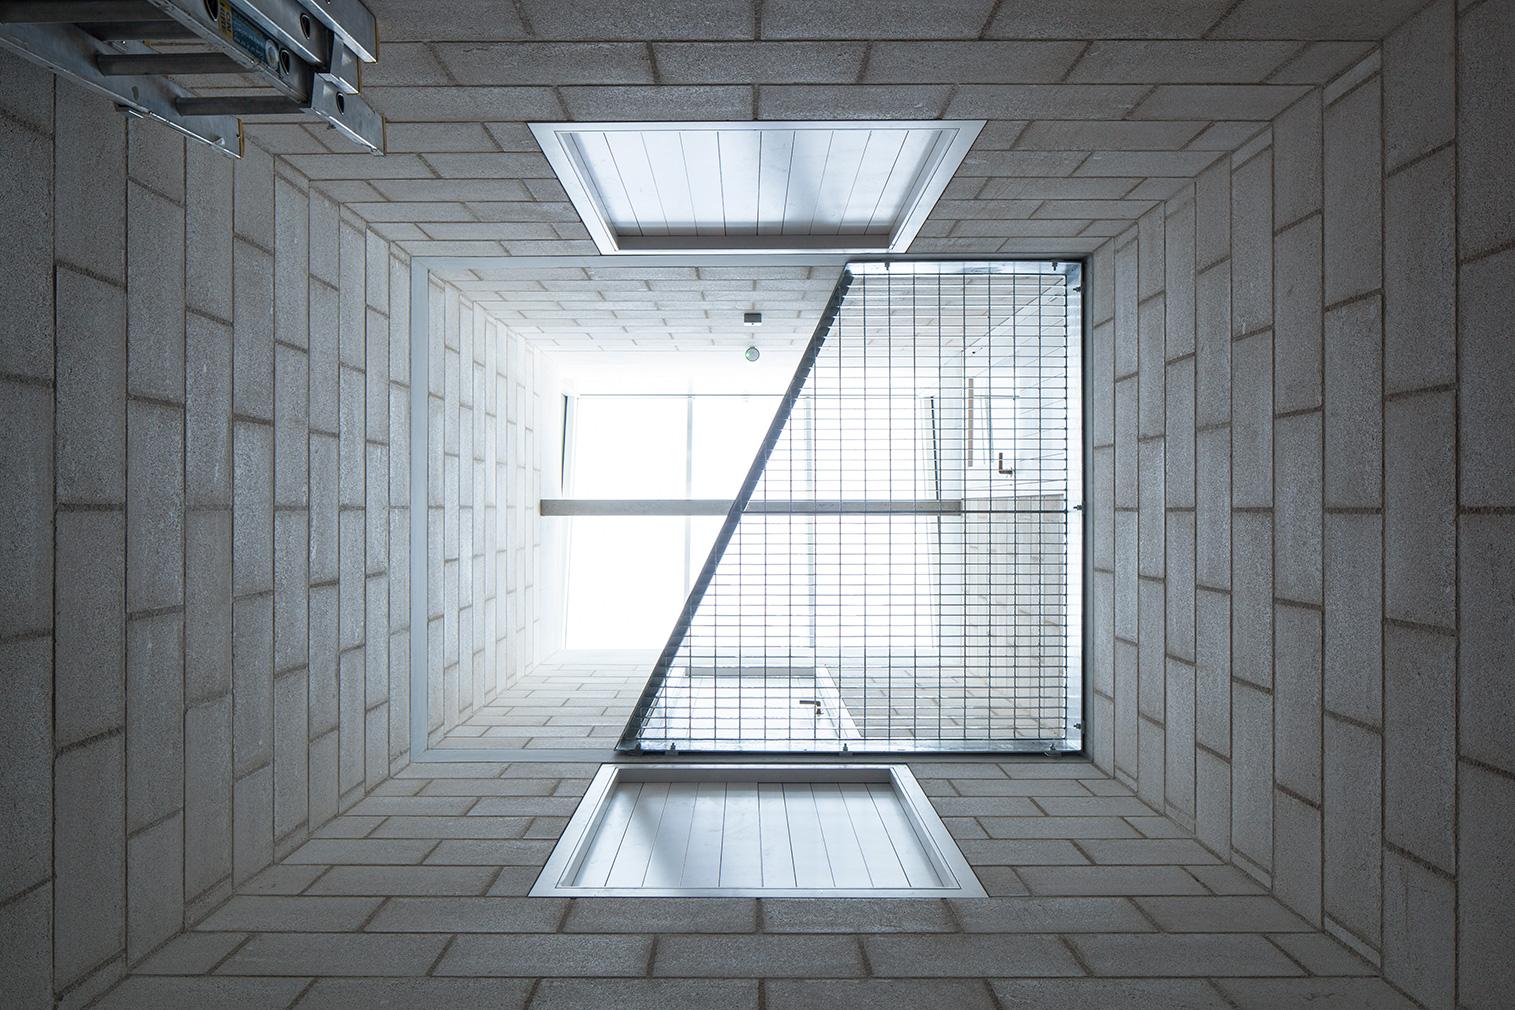 juergen-teller-studio-6a-architects-14